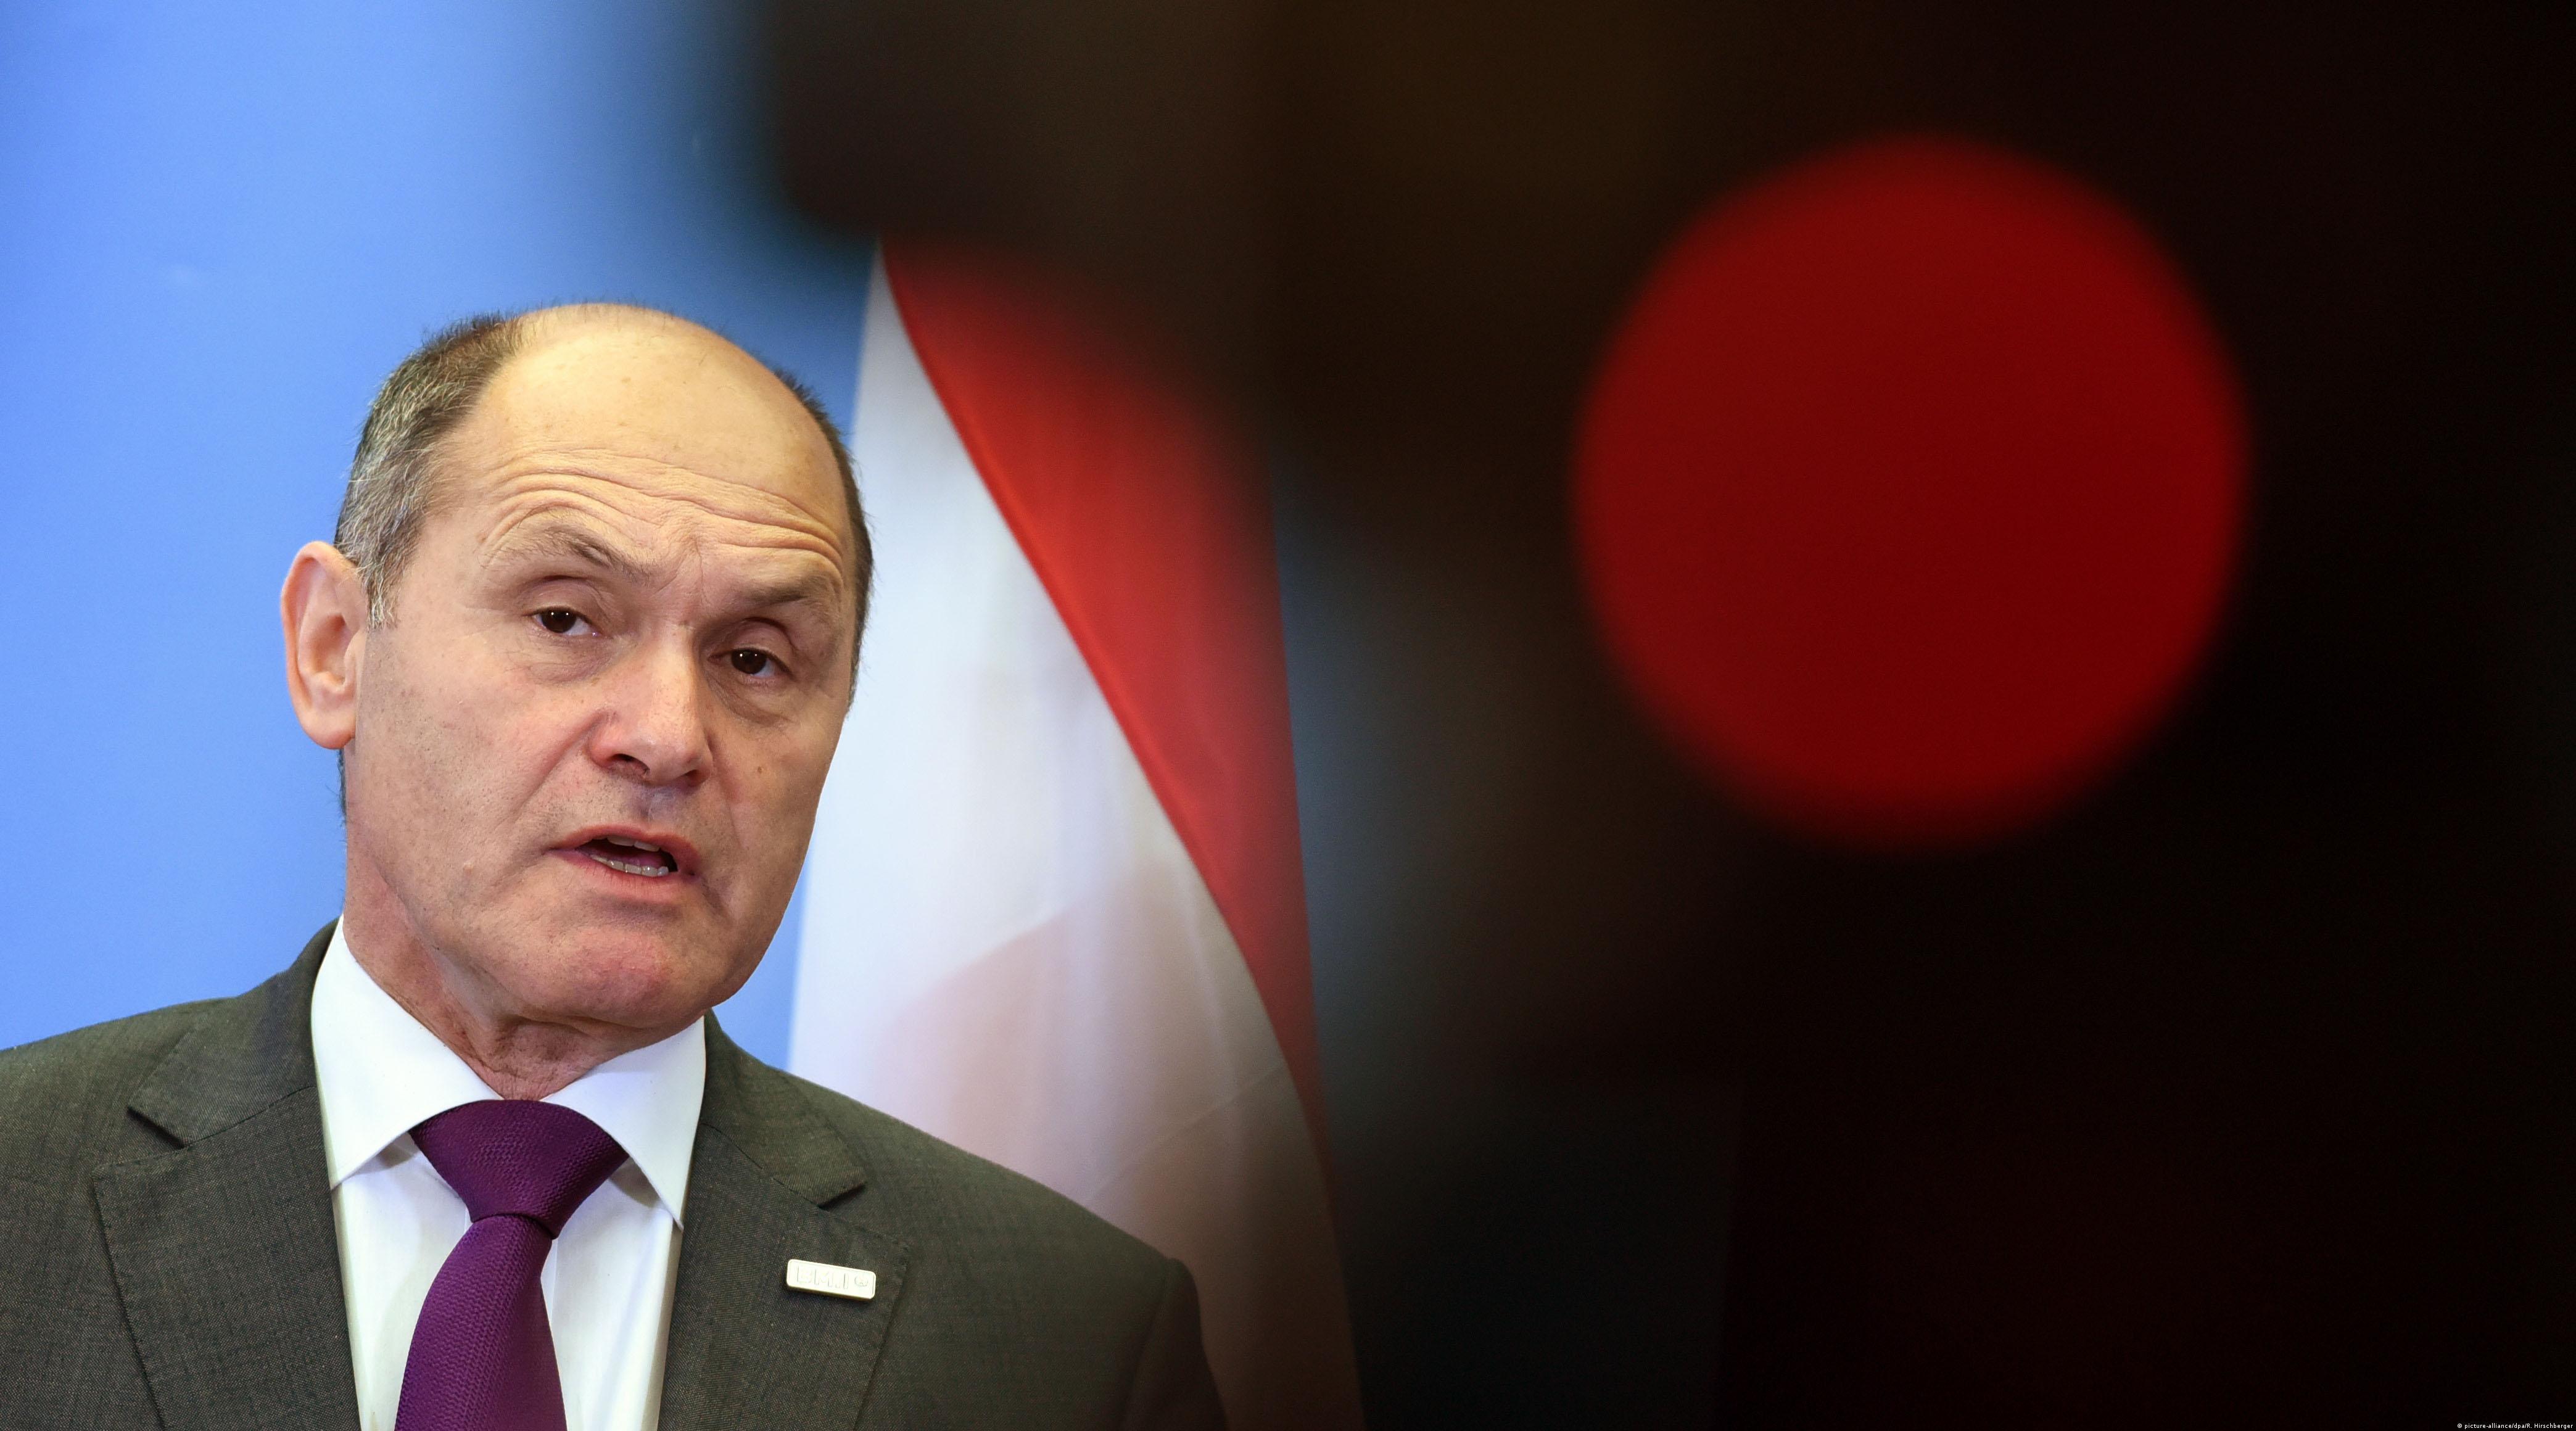 Θα συνεχιστούν οι έλεγχοι στα αυστριακά σύνορα, δηλώνει ο υπΕσ. Βόλφγκανγκ Σόμποτκα